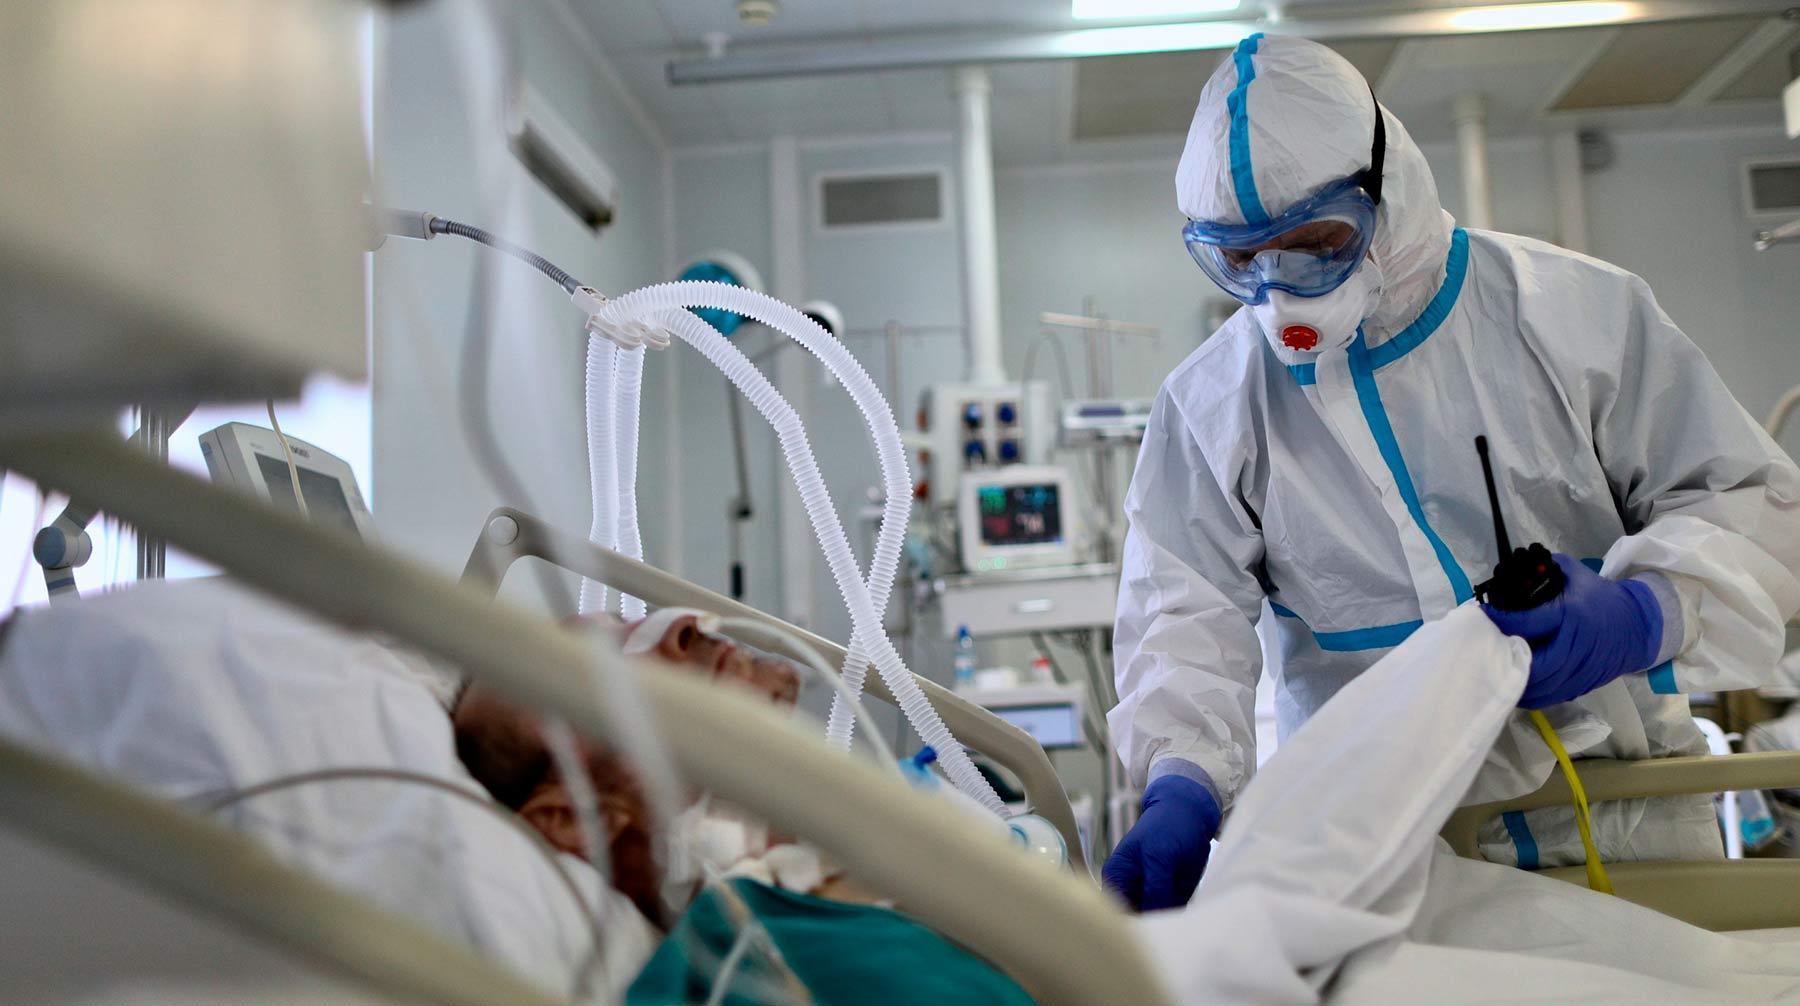 Роспотребнадзор сообщил, что в среднем коронавирус длится 11 дней